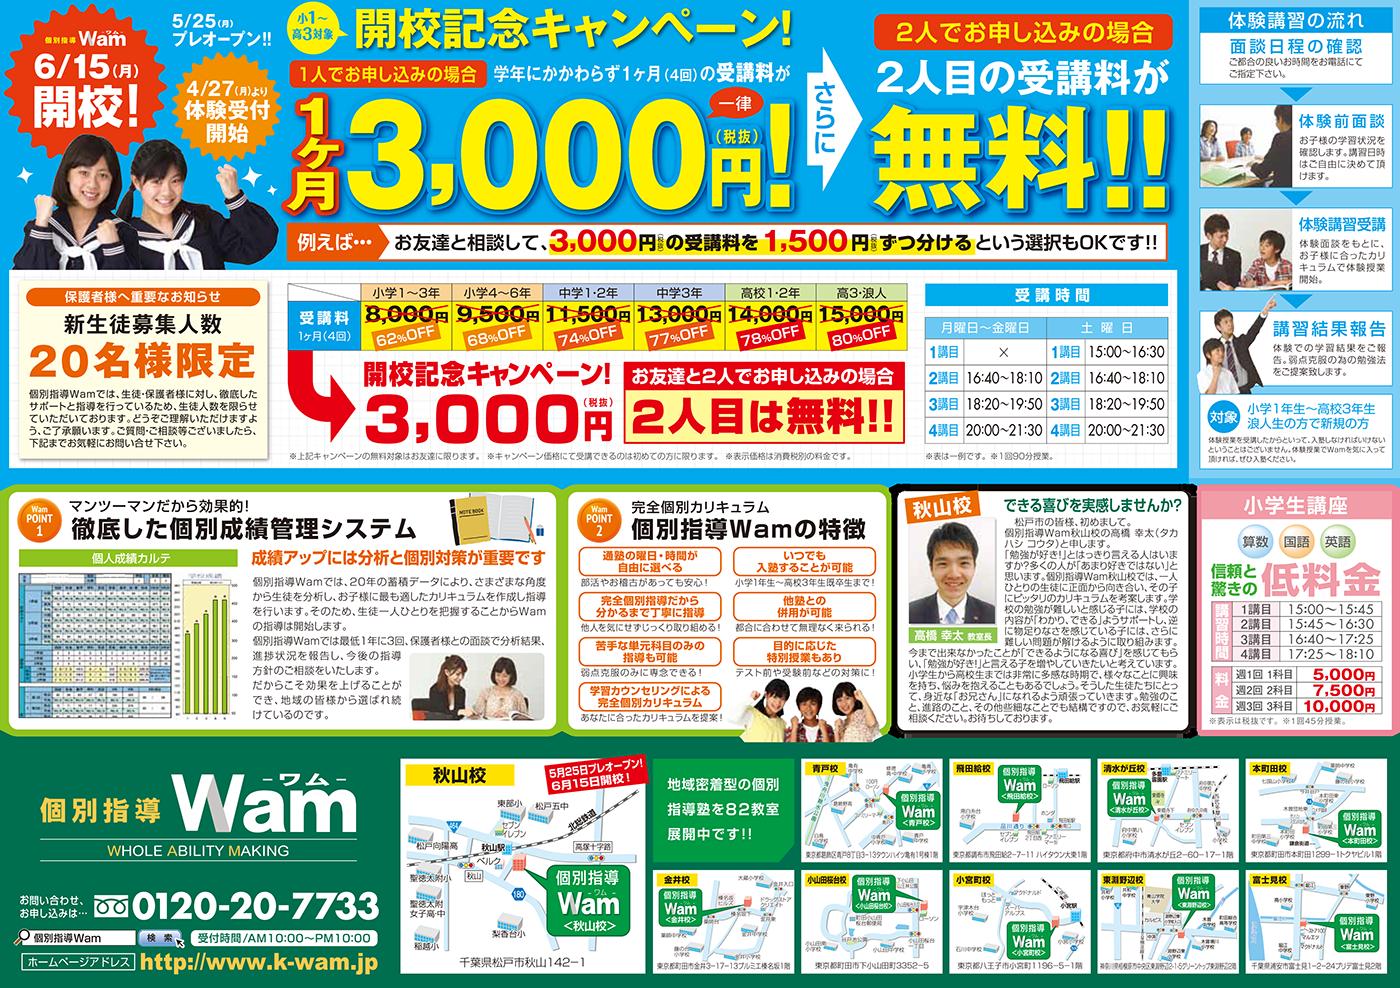 秋山校 2015年5月25日(月)プレオープン・ウラ面